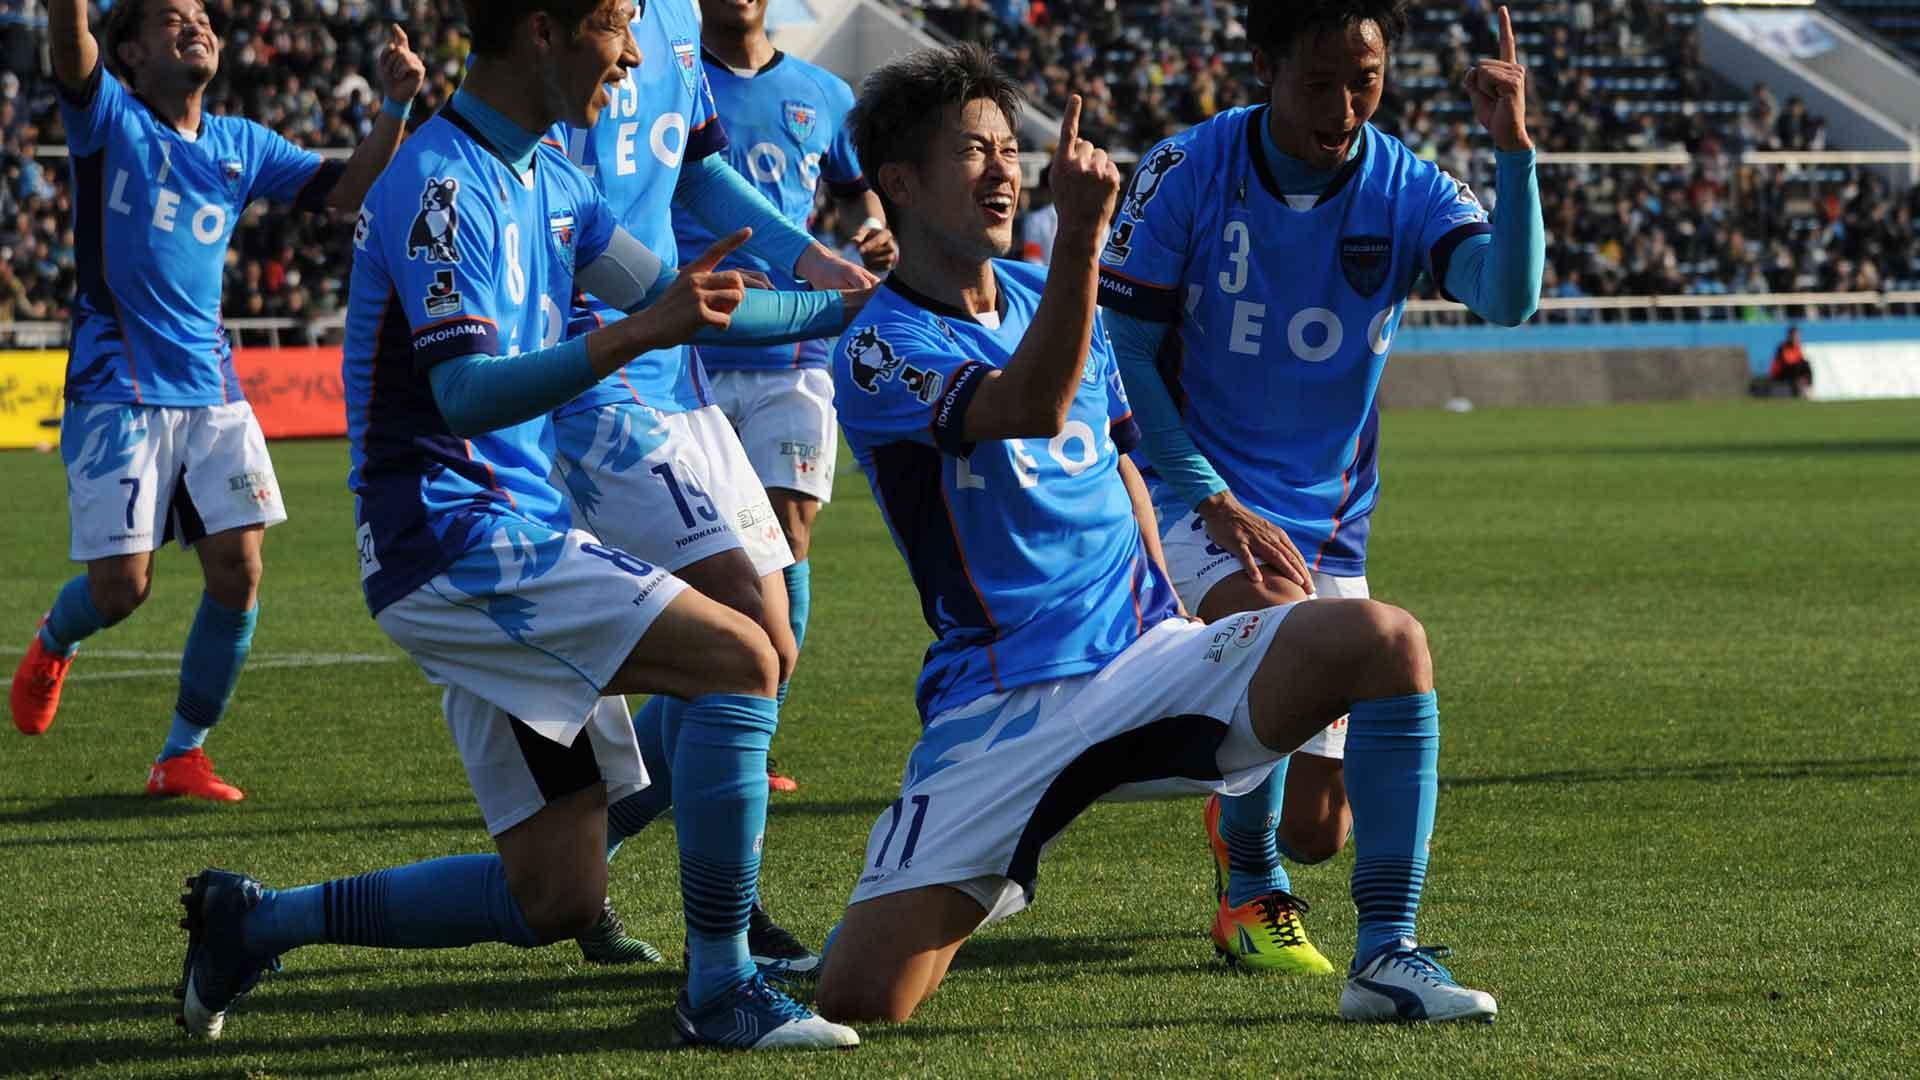 yfc-Kazuyoshi_Miura.jpg